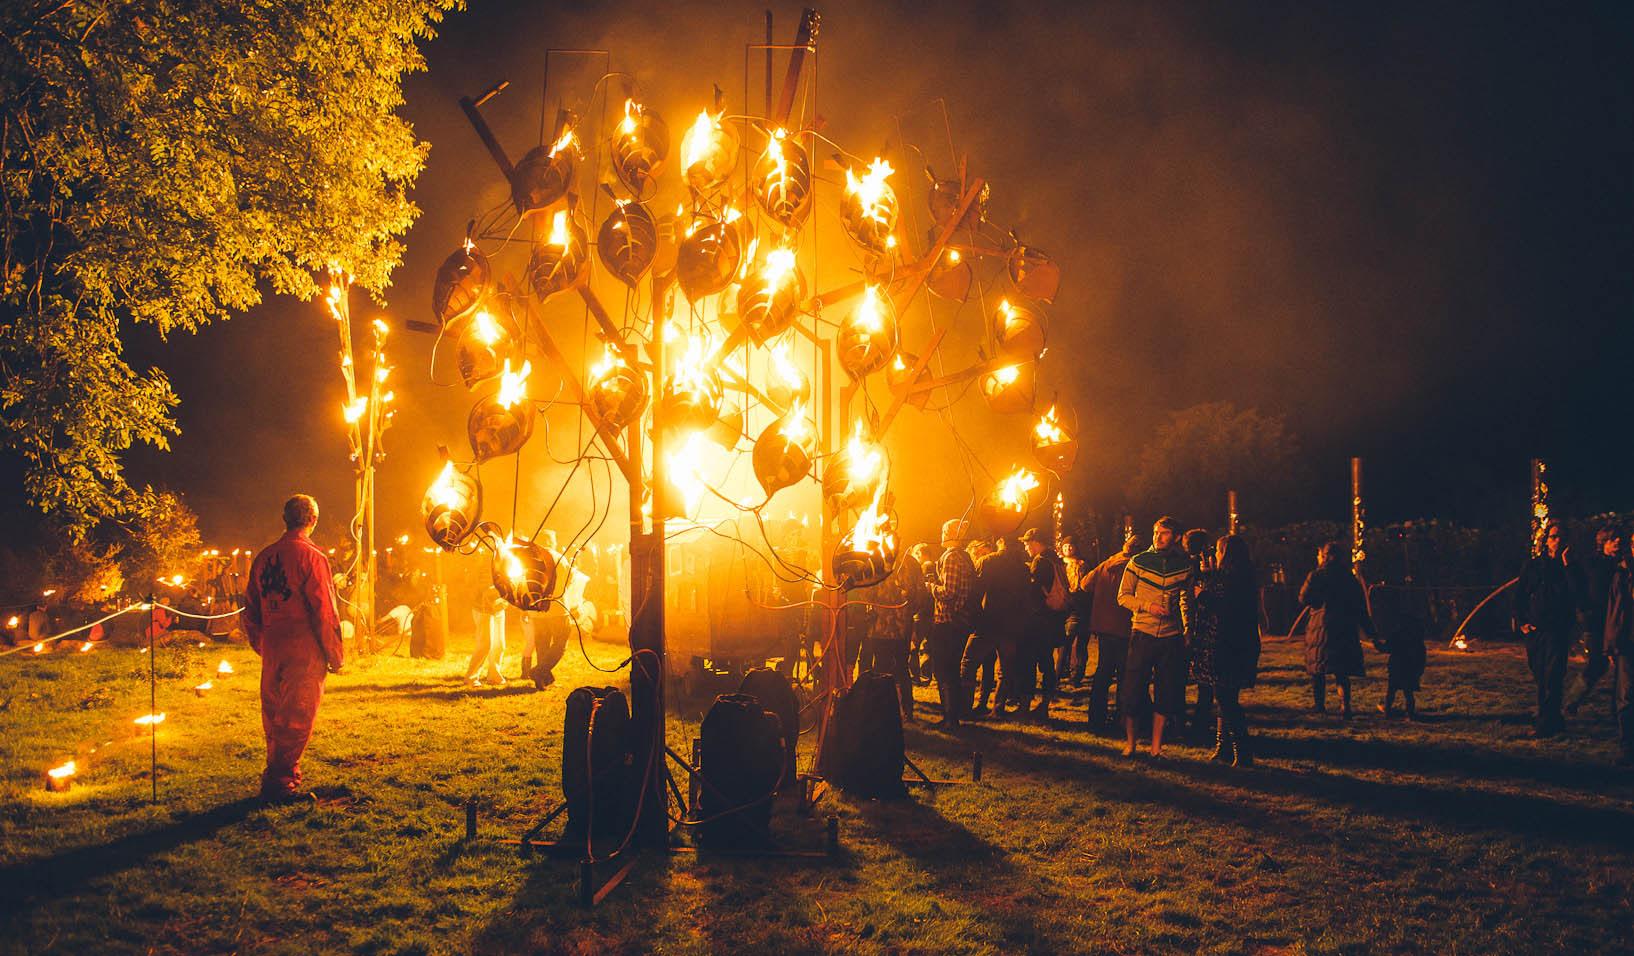 Live fire garden: